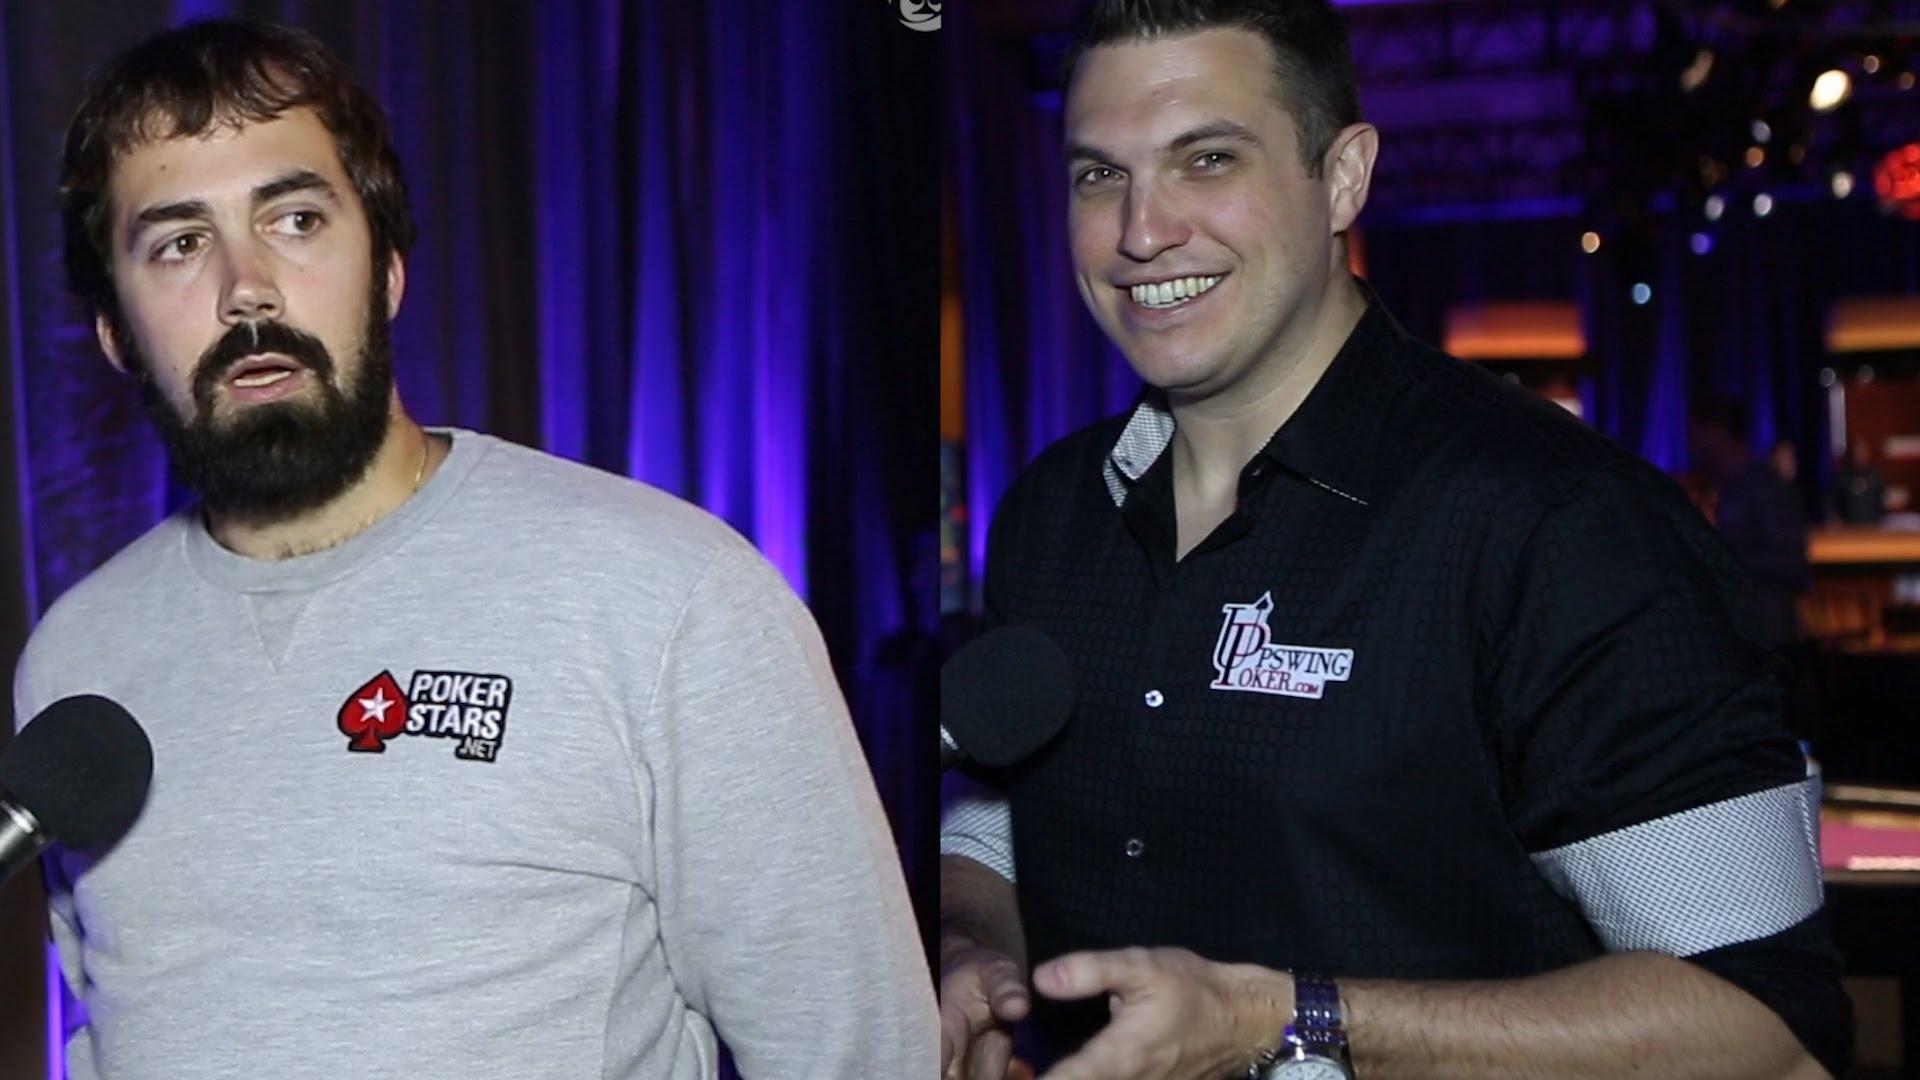 Джейсон Мерсье и Дуглас Полк будут стримить игру в самом дорогом турнире SCOOP